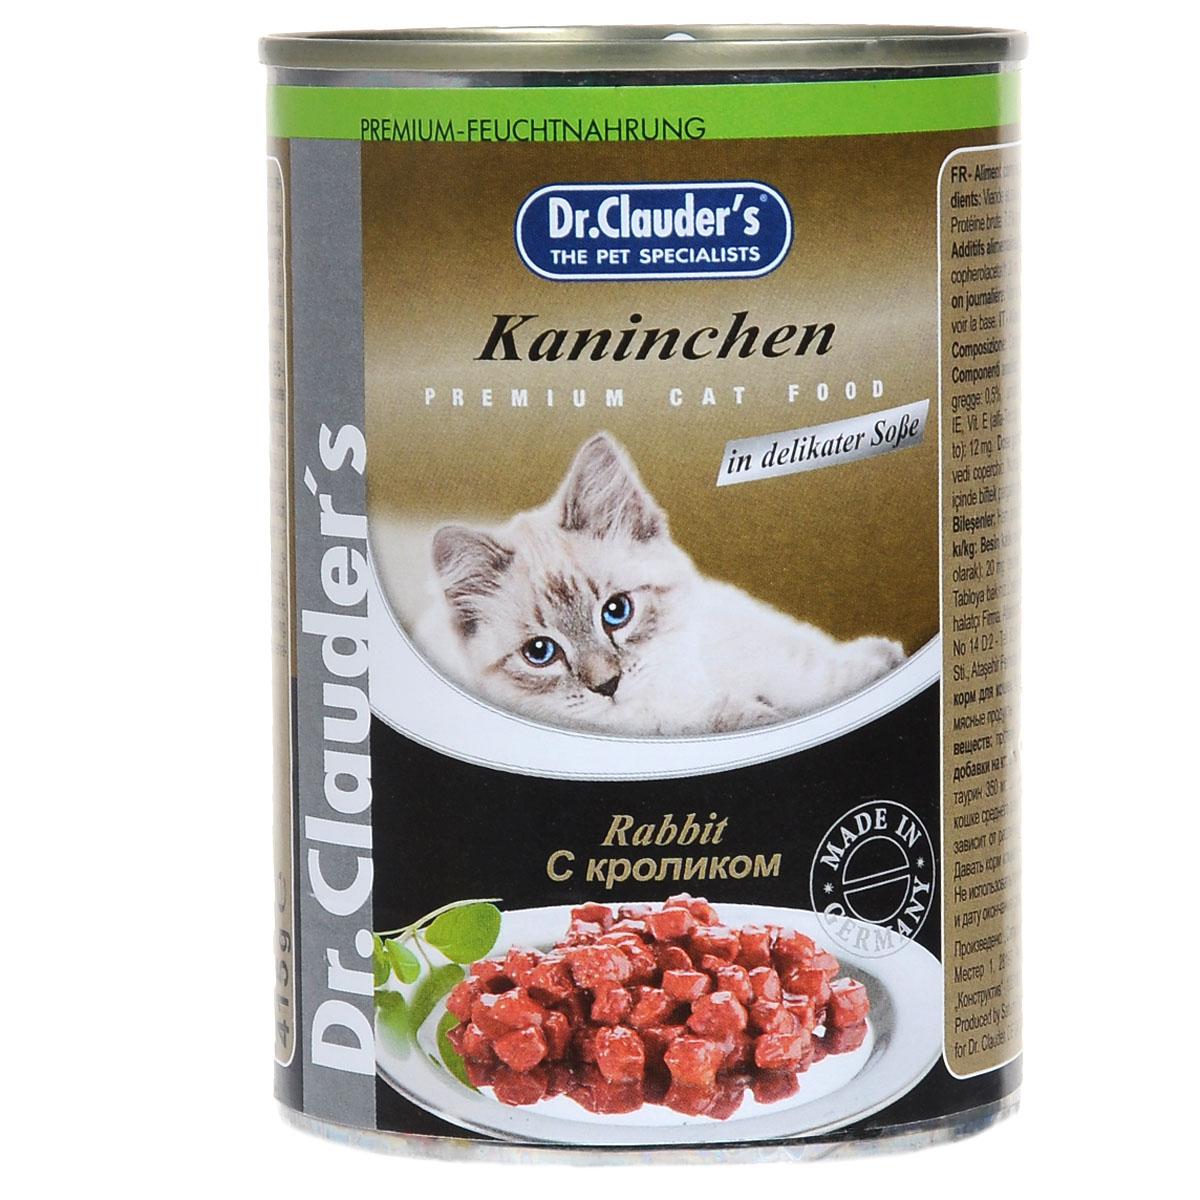 Консервы для кошек Dr. Clauders, кролик, 415 г20674Полнорационное питание домашних питомцев - основная головная боль их владельцев. Каждый владелец кошки старается подобрать для своей питомицы сбалансированный и подходящий именно ей рацион. Одни меняют корма несколько раз. Консервы для кошек Dr. Clauders обладают отличными вкусовыми качествами. В этом корме есть все, в чем ваша любимица нуждается каждый день - витамины, макро- и микроэлементы, биологически активные вещества. Прекрасный аппетит во время еды и сытое урчание после гарантировано. Шелковистая блестящая шерсть, хорошее настроение, физическая активность и отменное здоровье - таким будет результат вашей заботы и правильно отношения к питанию кошки. Состав: мясо и мясные продукты (мин. 4% кролика), злаки, минералы, сахар. Питательные вещества: протеин 7,5%, жир 4,5%, зола 2,5%, клетчатка 0,5%, влажность 81%.Пищевые добавки: витамин А 2000МЕ, витамин D3 200МЕ, витамин Е 20 мг, таурин 350 мг, цинк 12 мг.Товар сертифицирован.